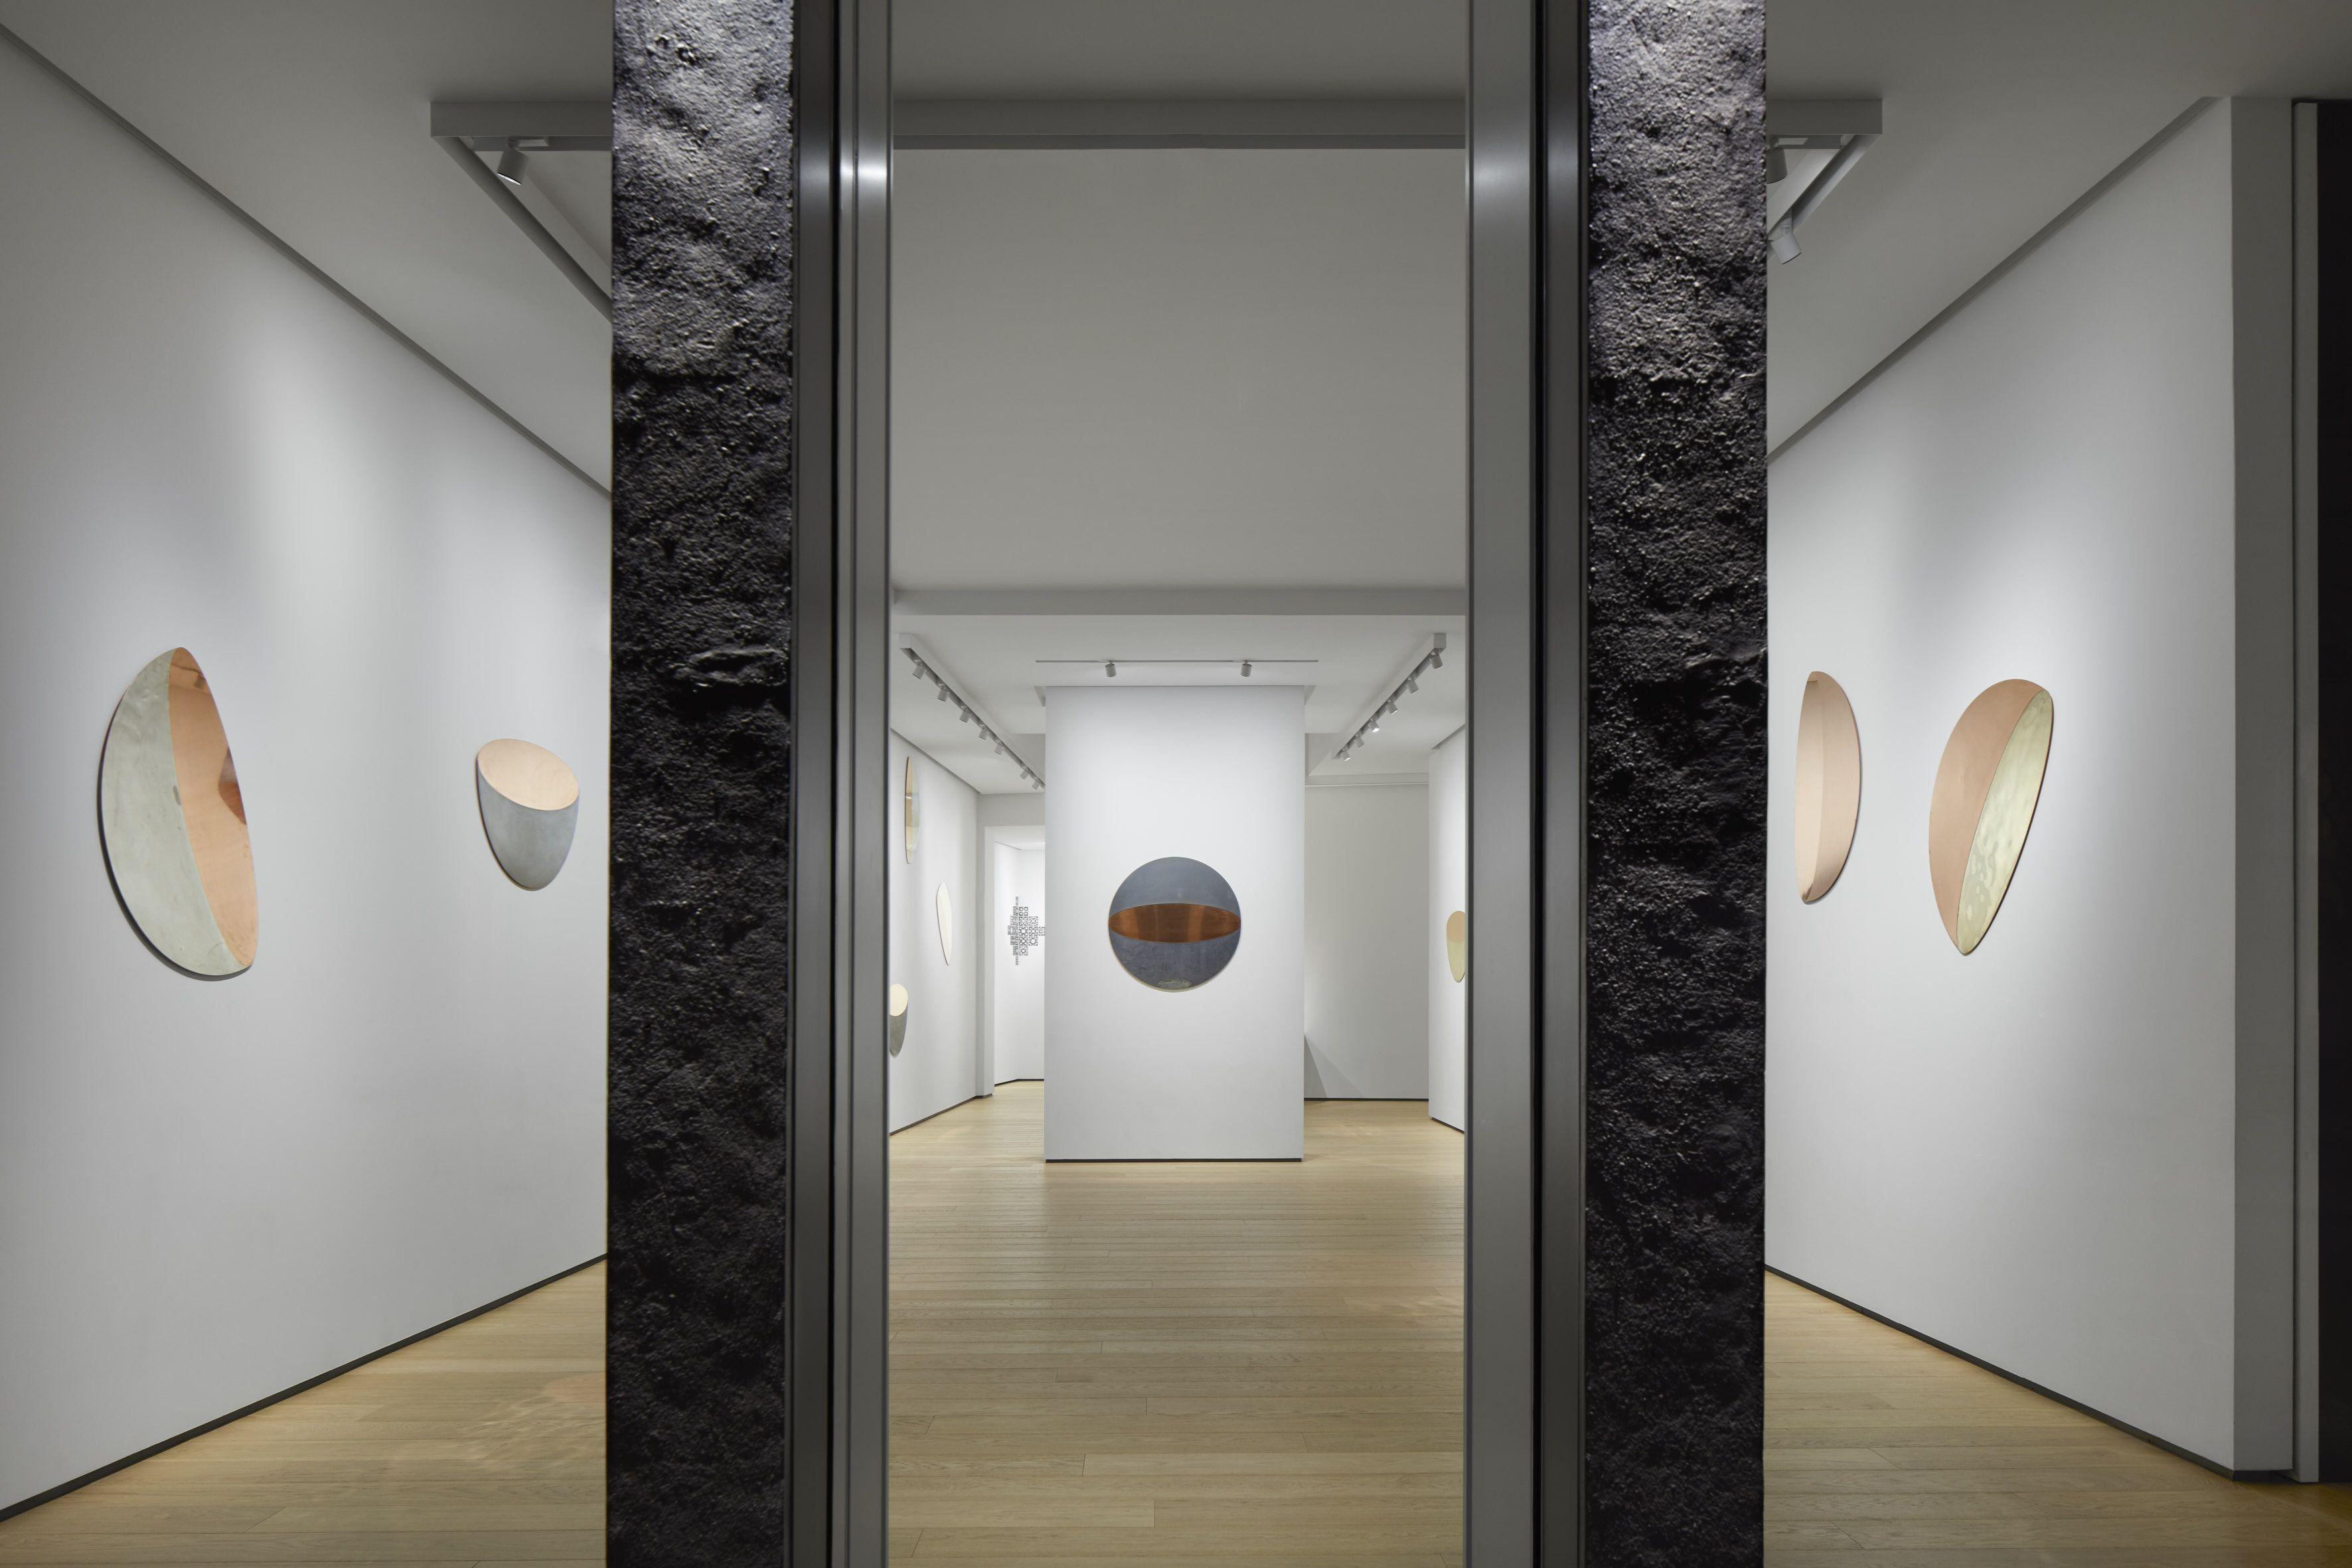 Continuo infinito presente - installation view #5